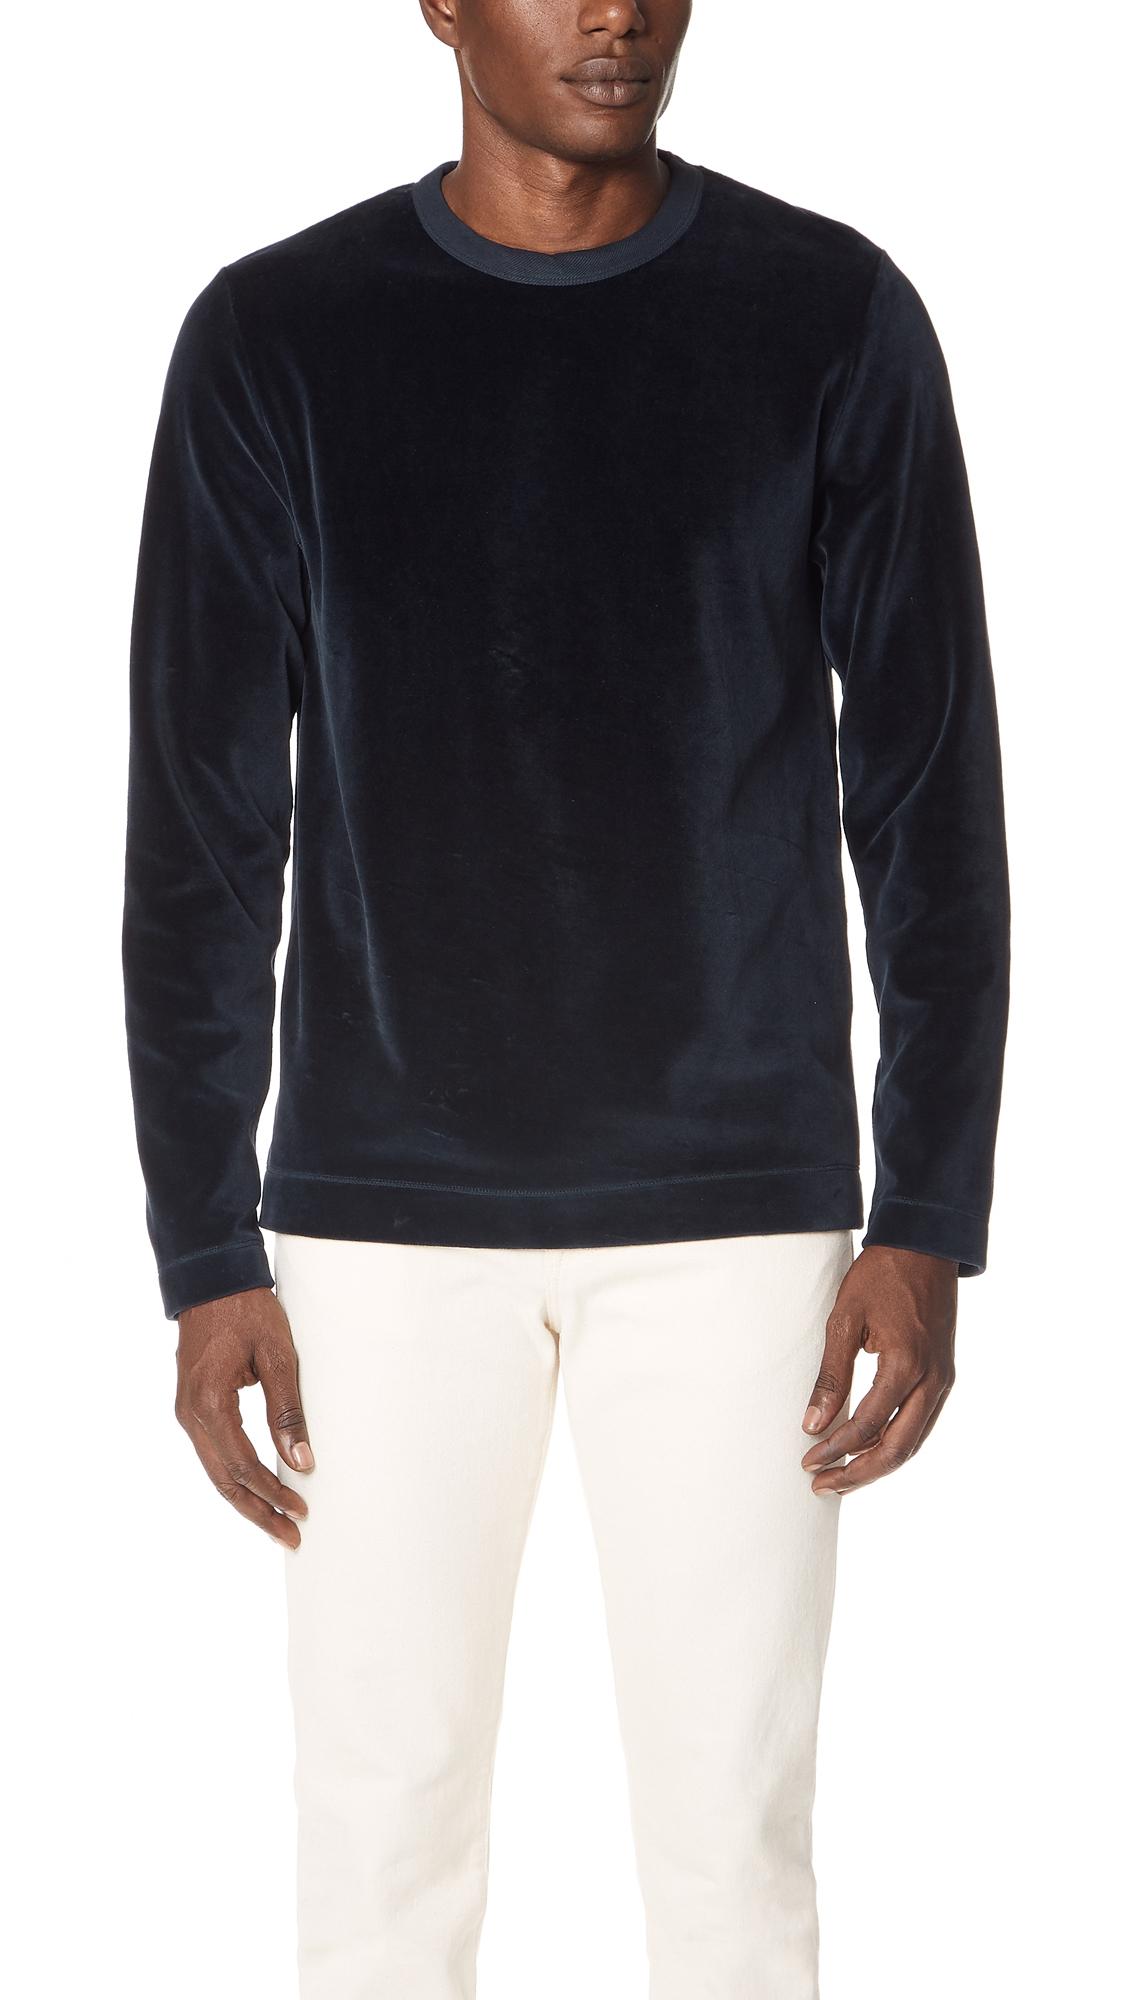 Velour Long-Sleeved T-Shirt in Navy